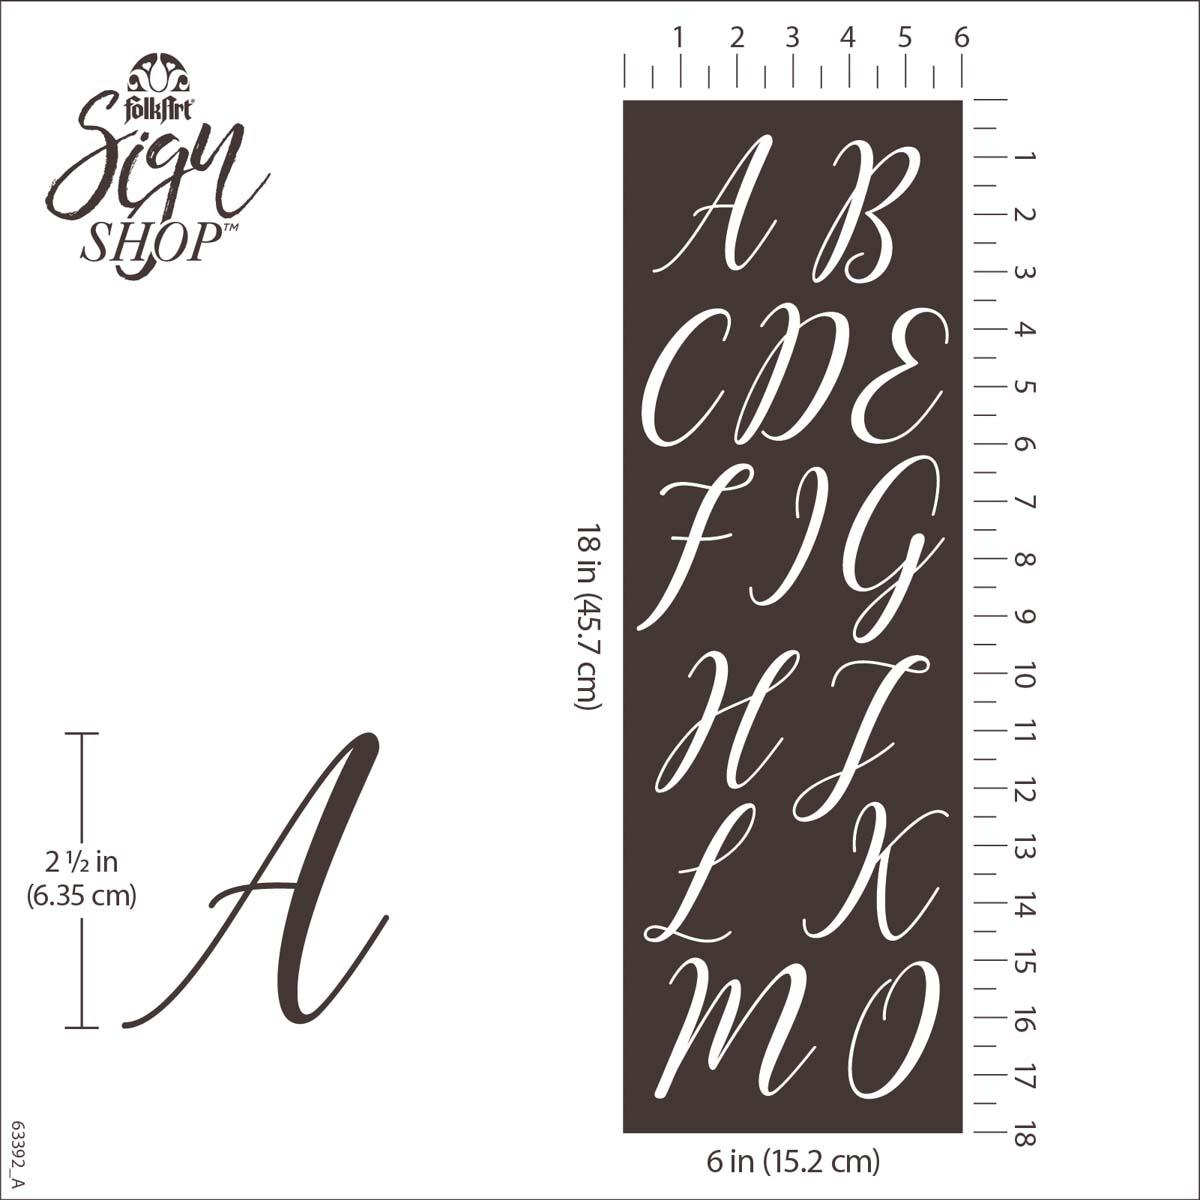 FolkArt ® Sign Shop™ Mesh Stencil - Script Letters, 2 pc. - 63392